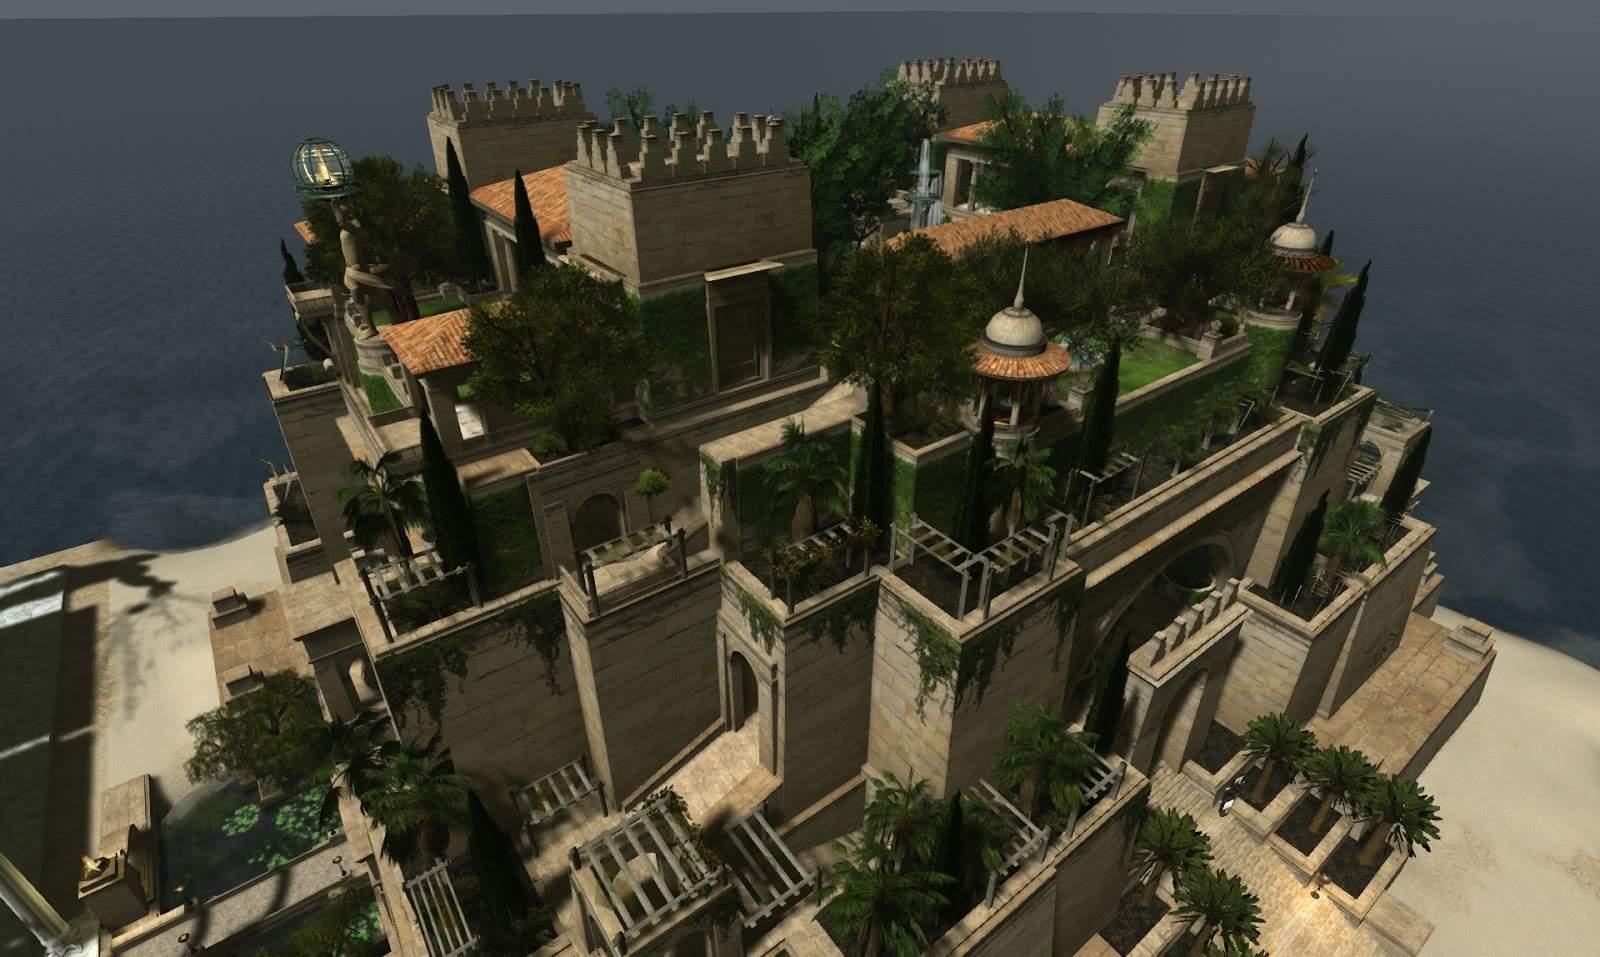 Die Hängenden Gärten Der Semiramis Zu Babylon Genial Echt Virtuell Weitere Impressionen Von Der Fashion for Life